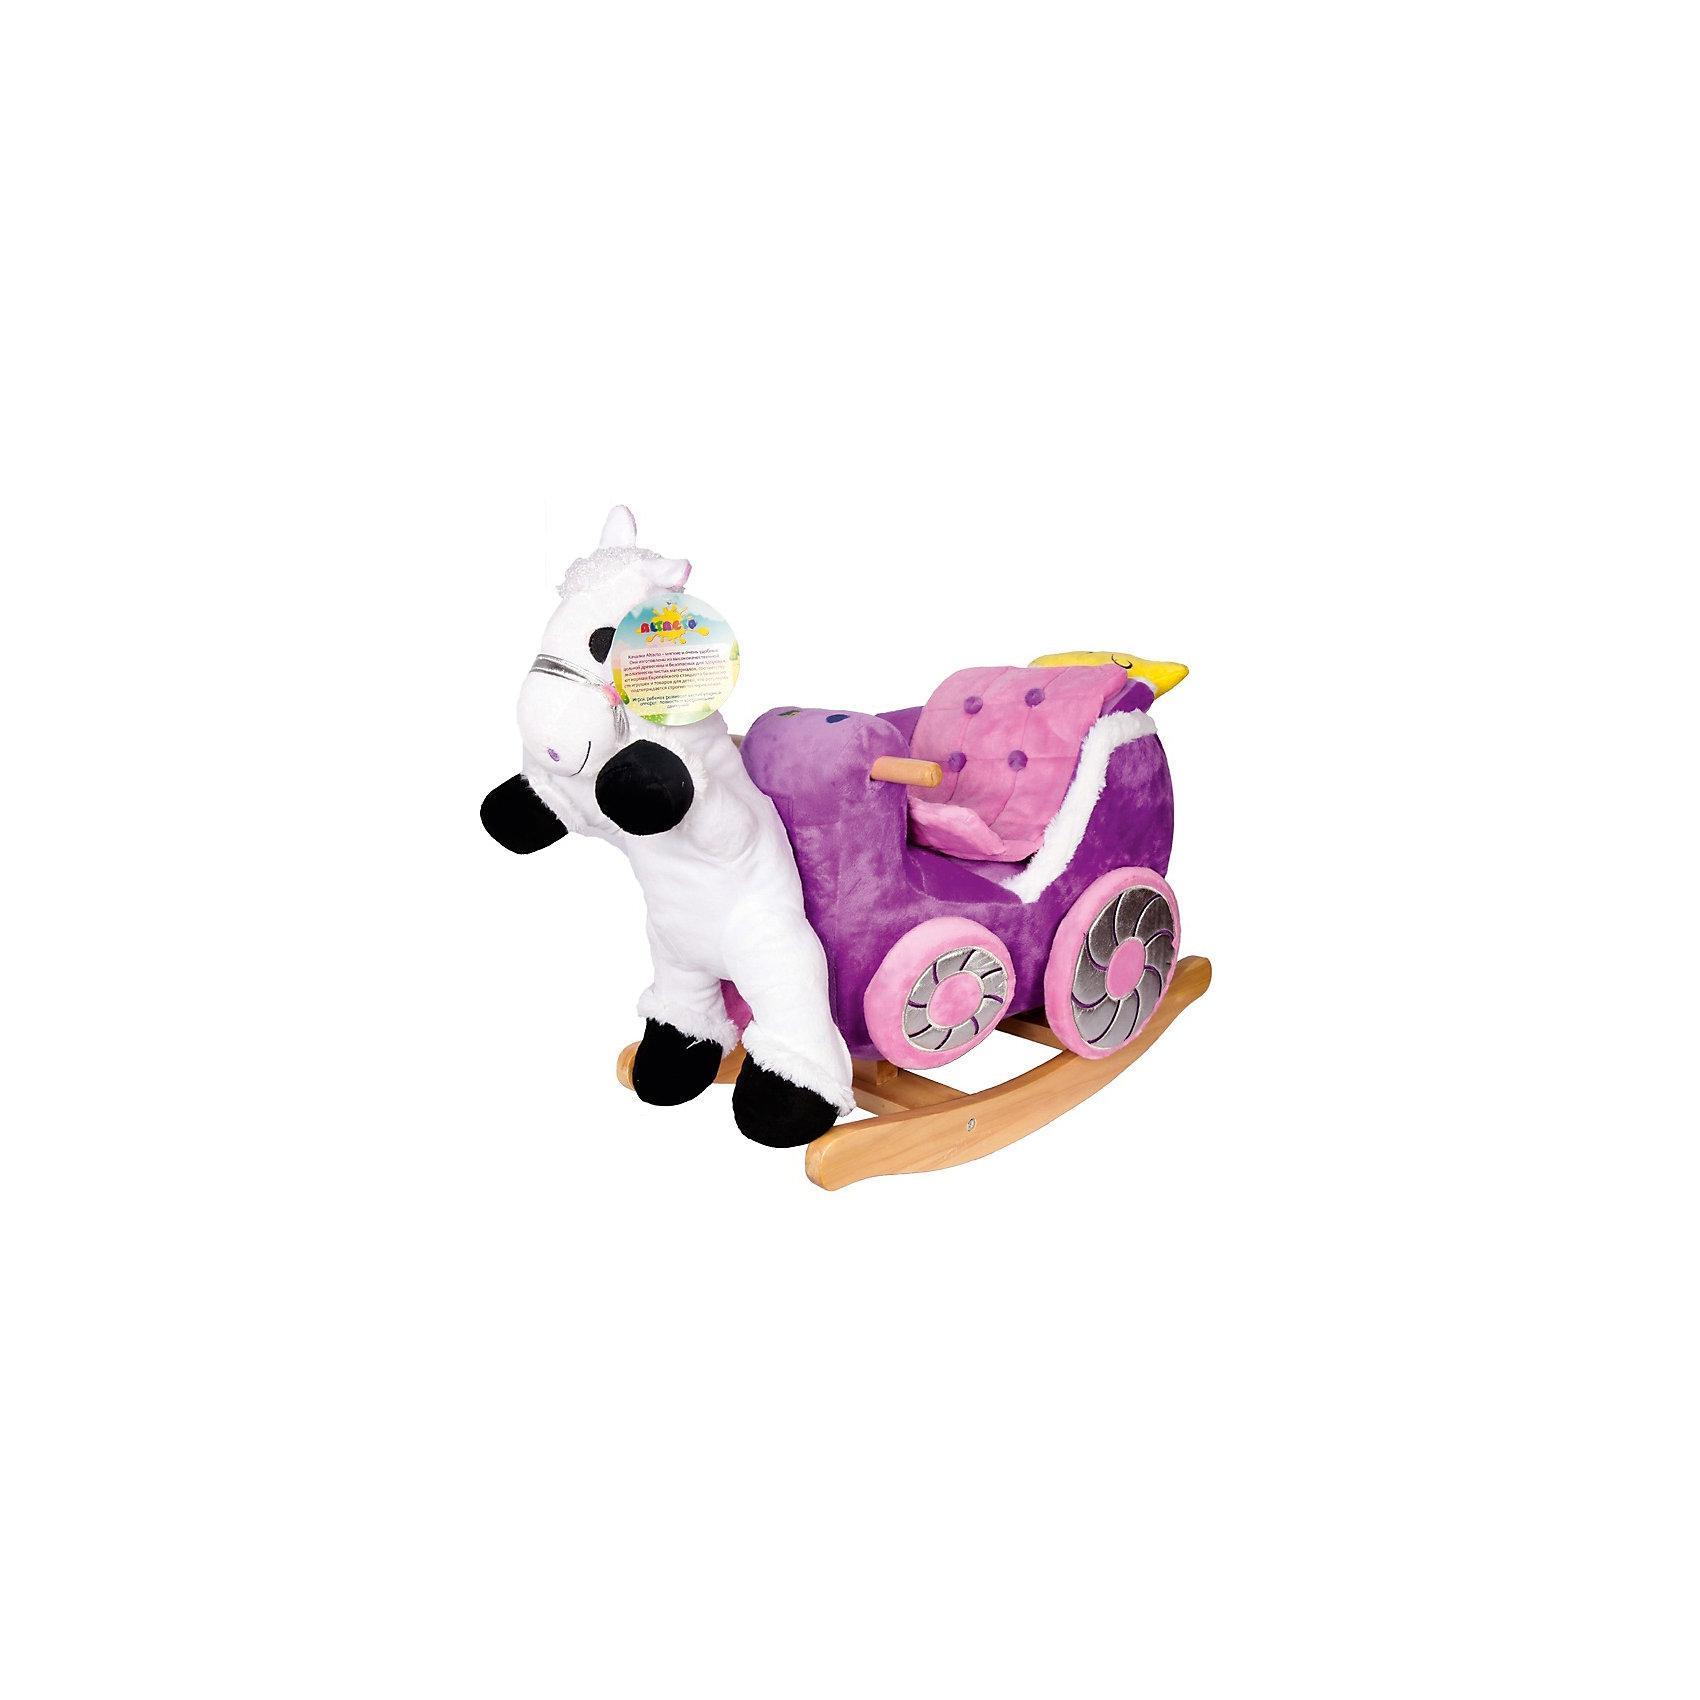 Altacto Качалка Карета принцессы, Altacto altacto игровой набор чистюля сборный со светом и звуком altacto